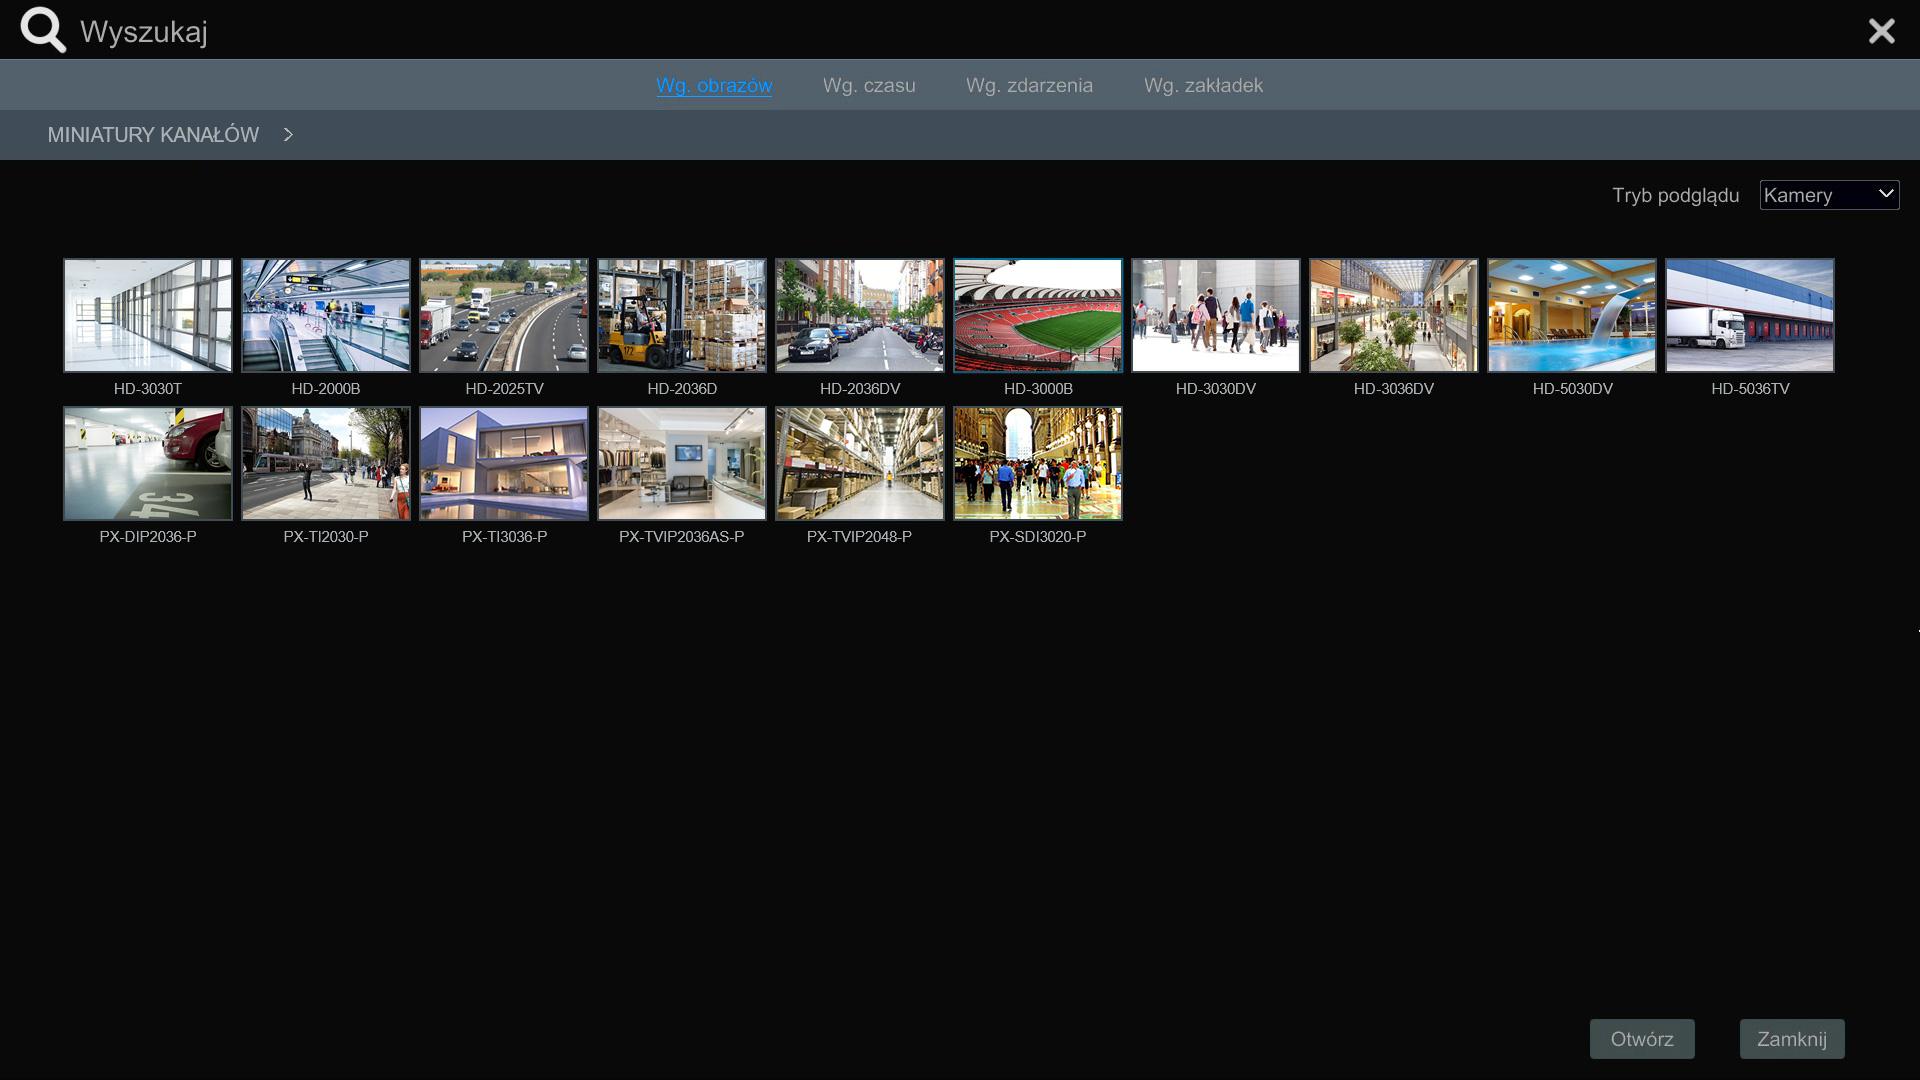 Wyszukiwanie kamer w N9000